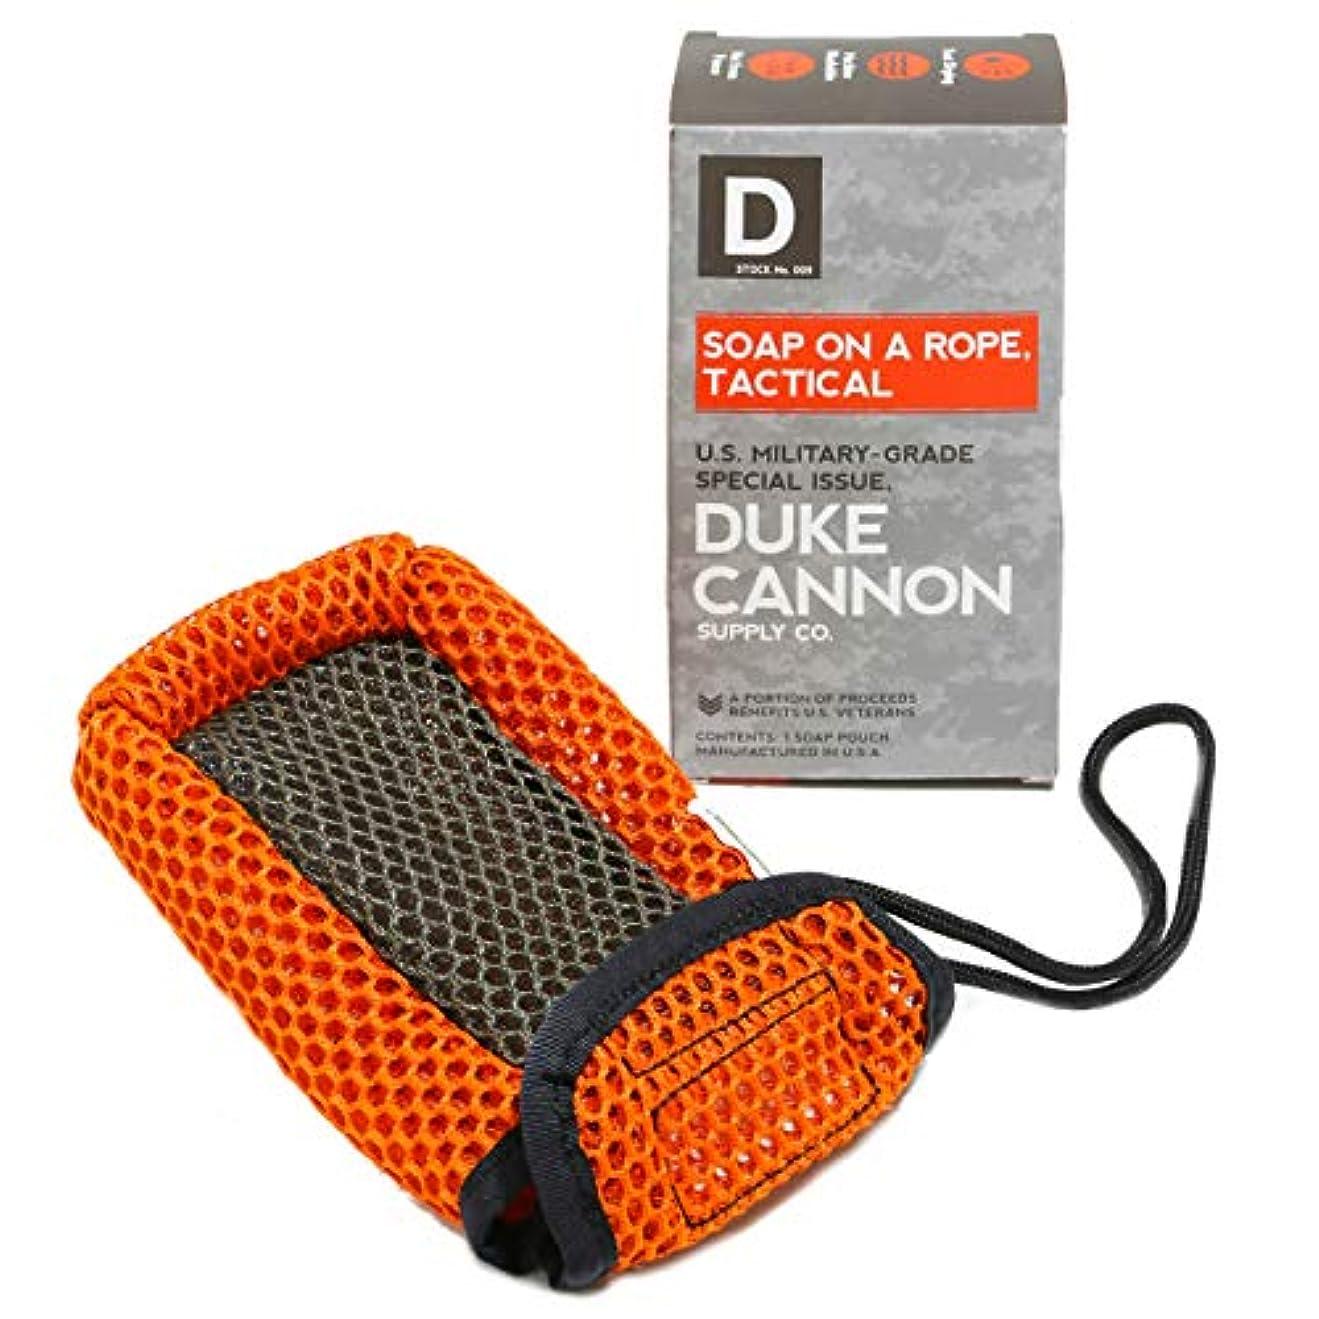 セントバンガローすきDuke Cannon ロープのポーチには戦術的なソープ